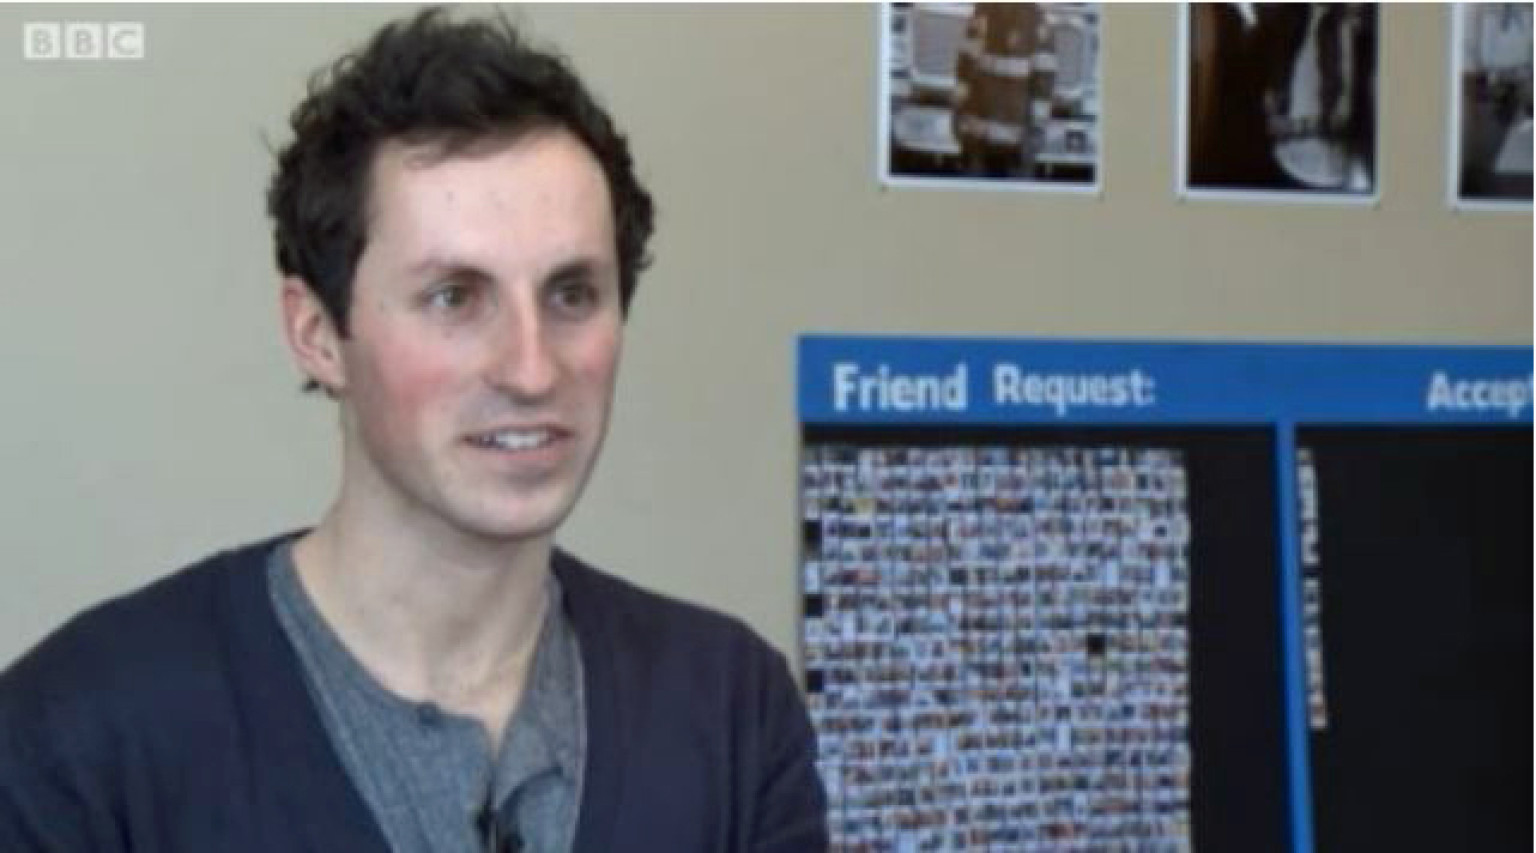 Il part à la rencontre de ses 788 amis Facebook